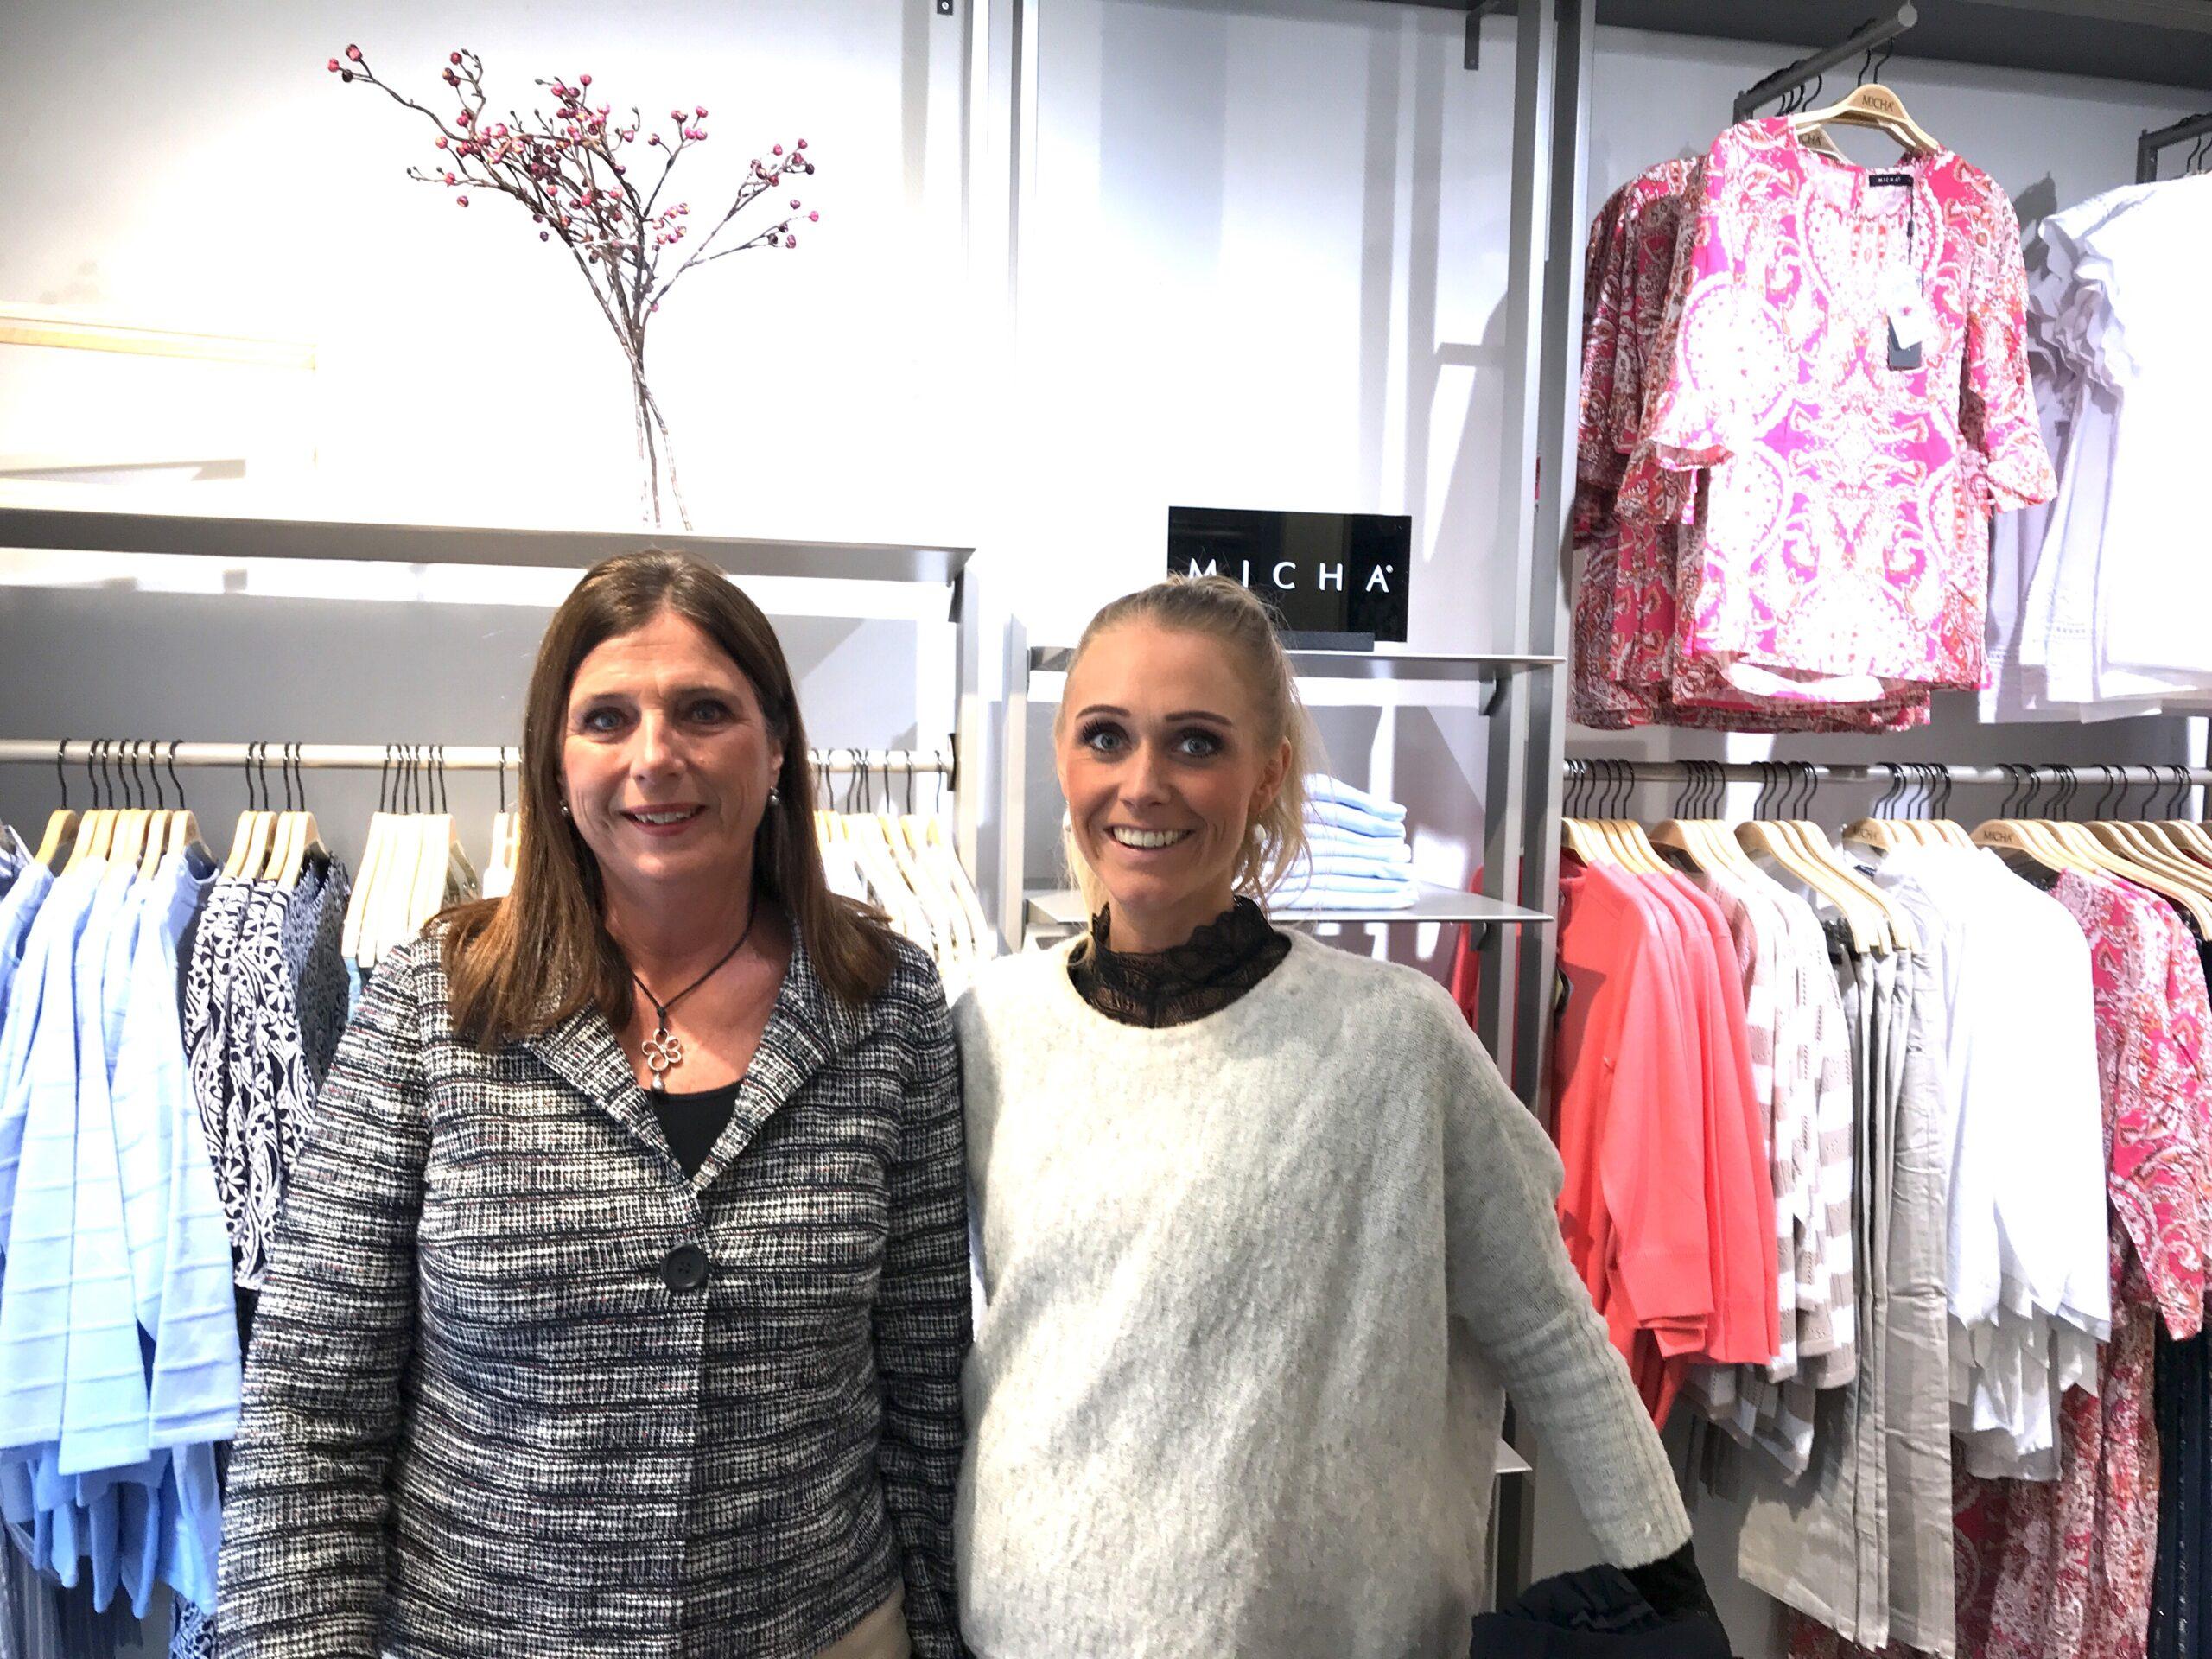 TØNDER: Ny modeforretning åbnede i dag